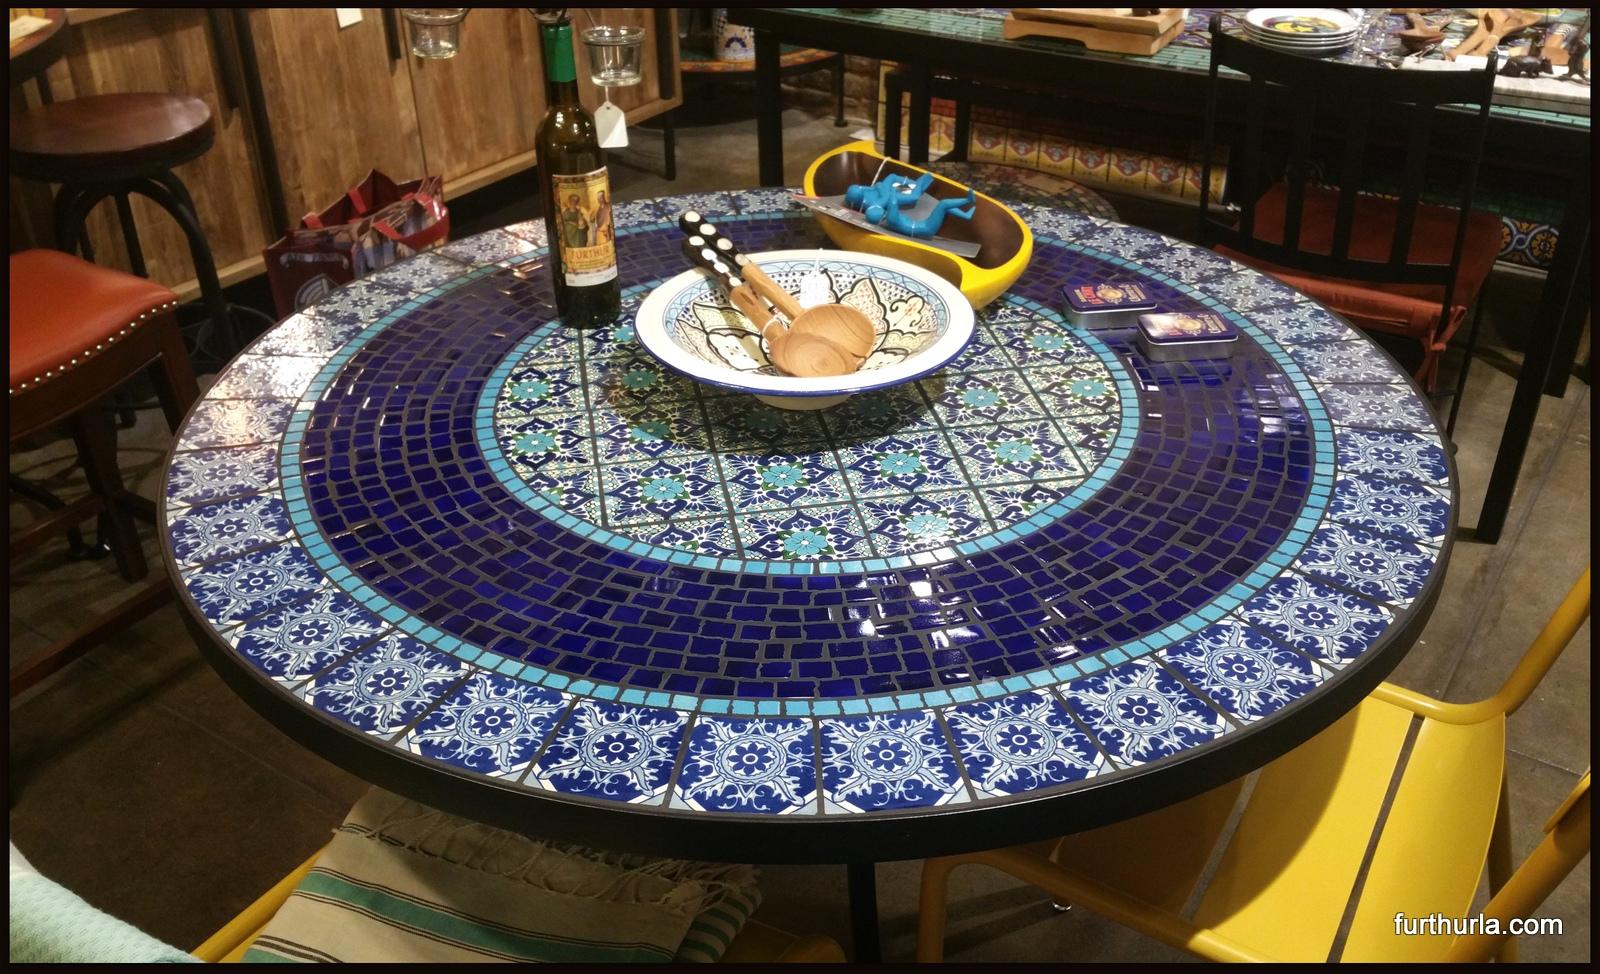 RECTANGULAR TILE TABLE COIMBRA AZUL